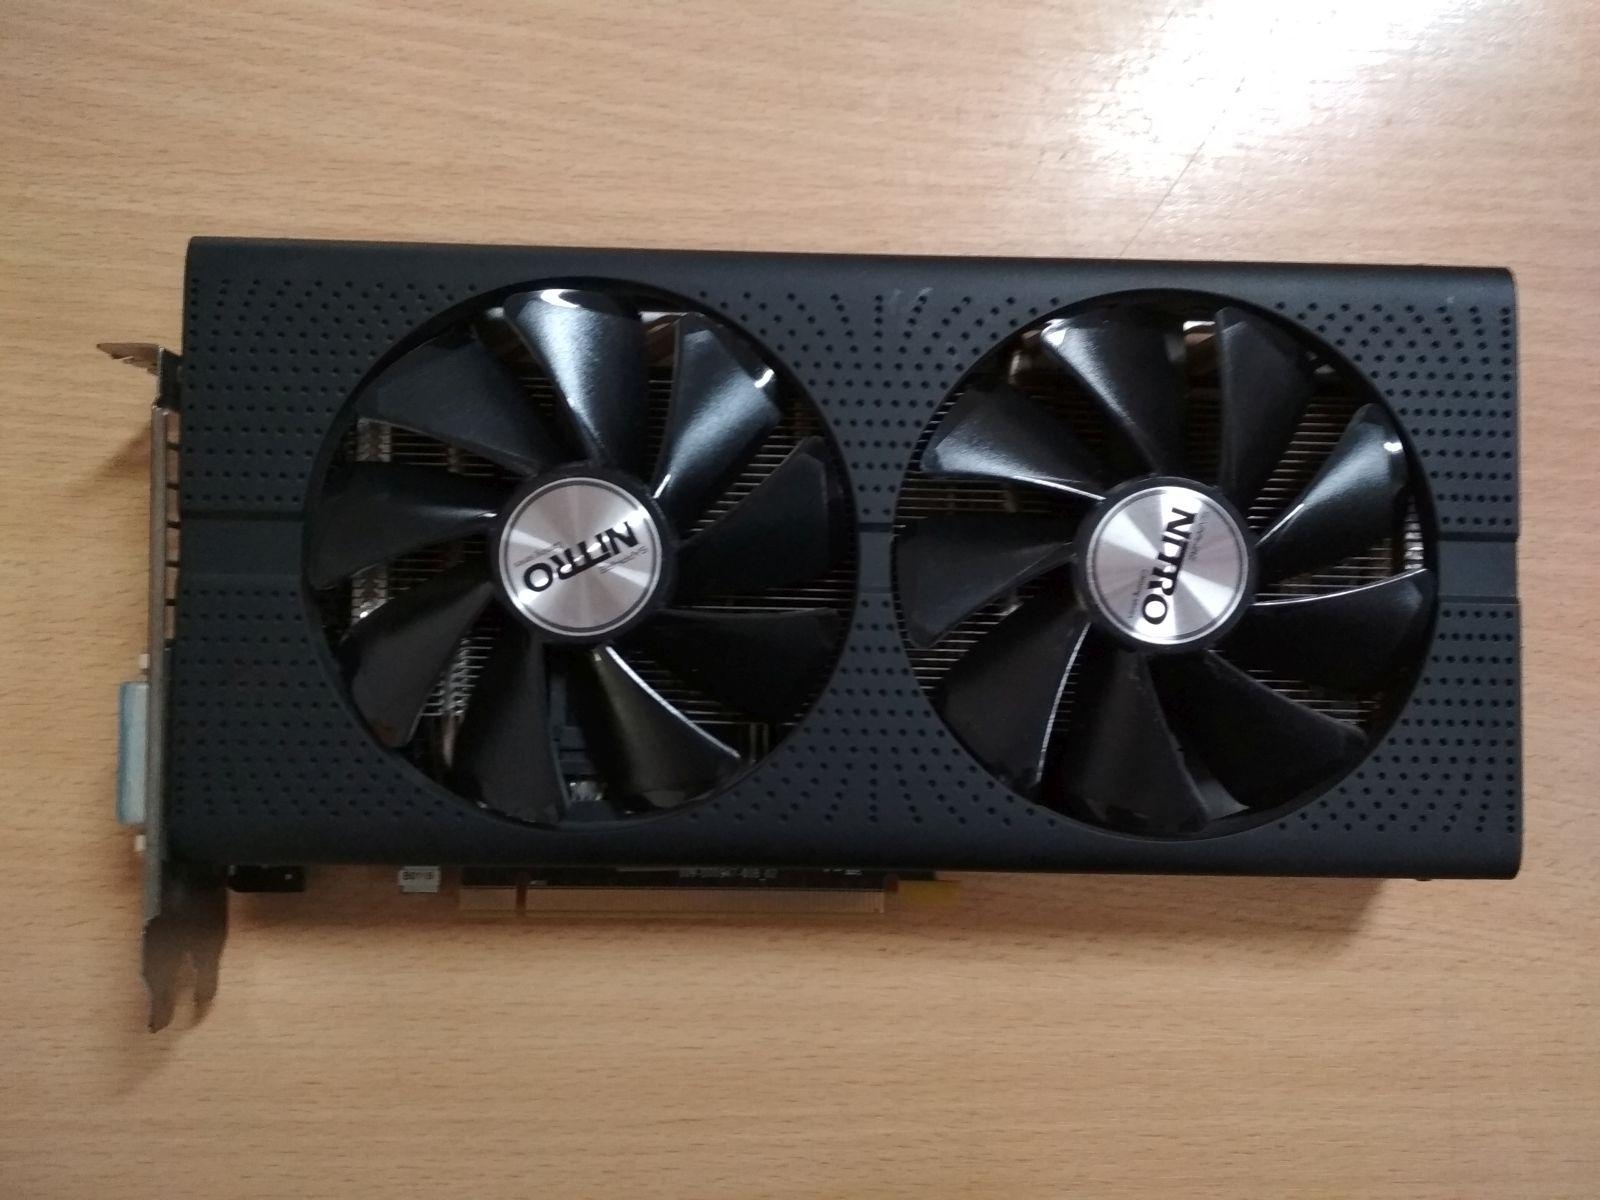 SAPPHIRE Radeon RX 480 NITRO+ 8GB GDDR5 256bit PCIe (11260-07-20G) Videokártya használt 1 hó gar!